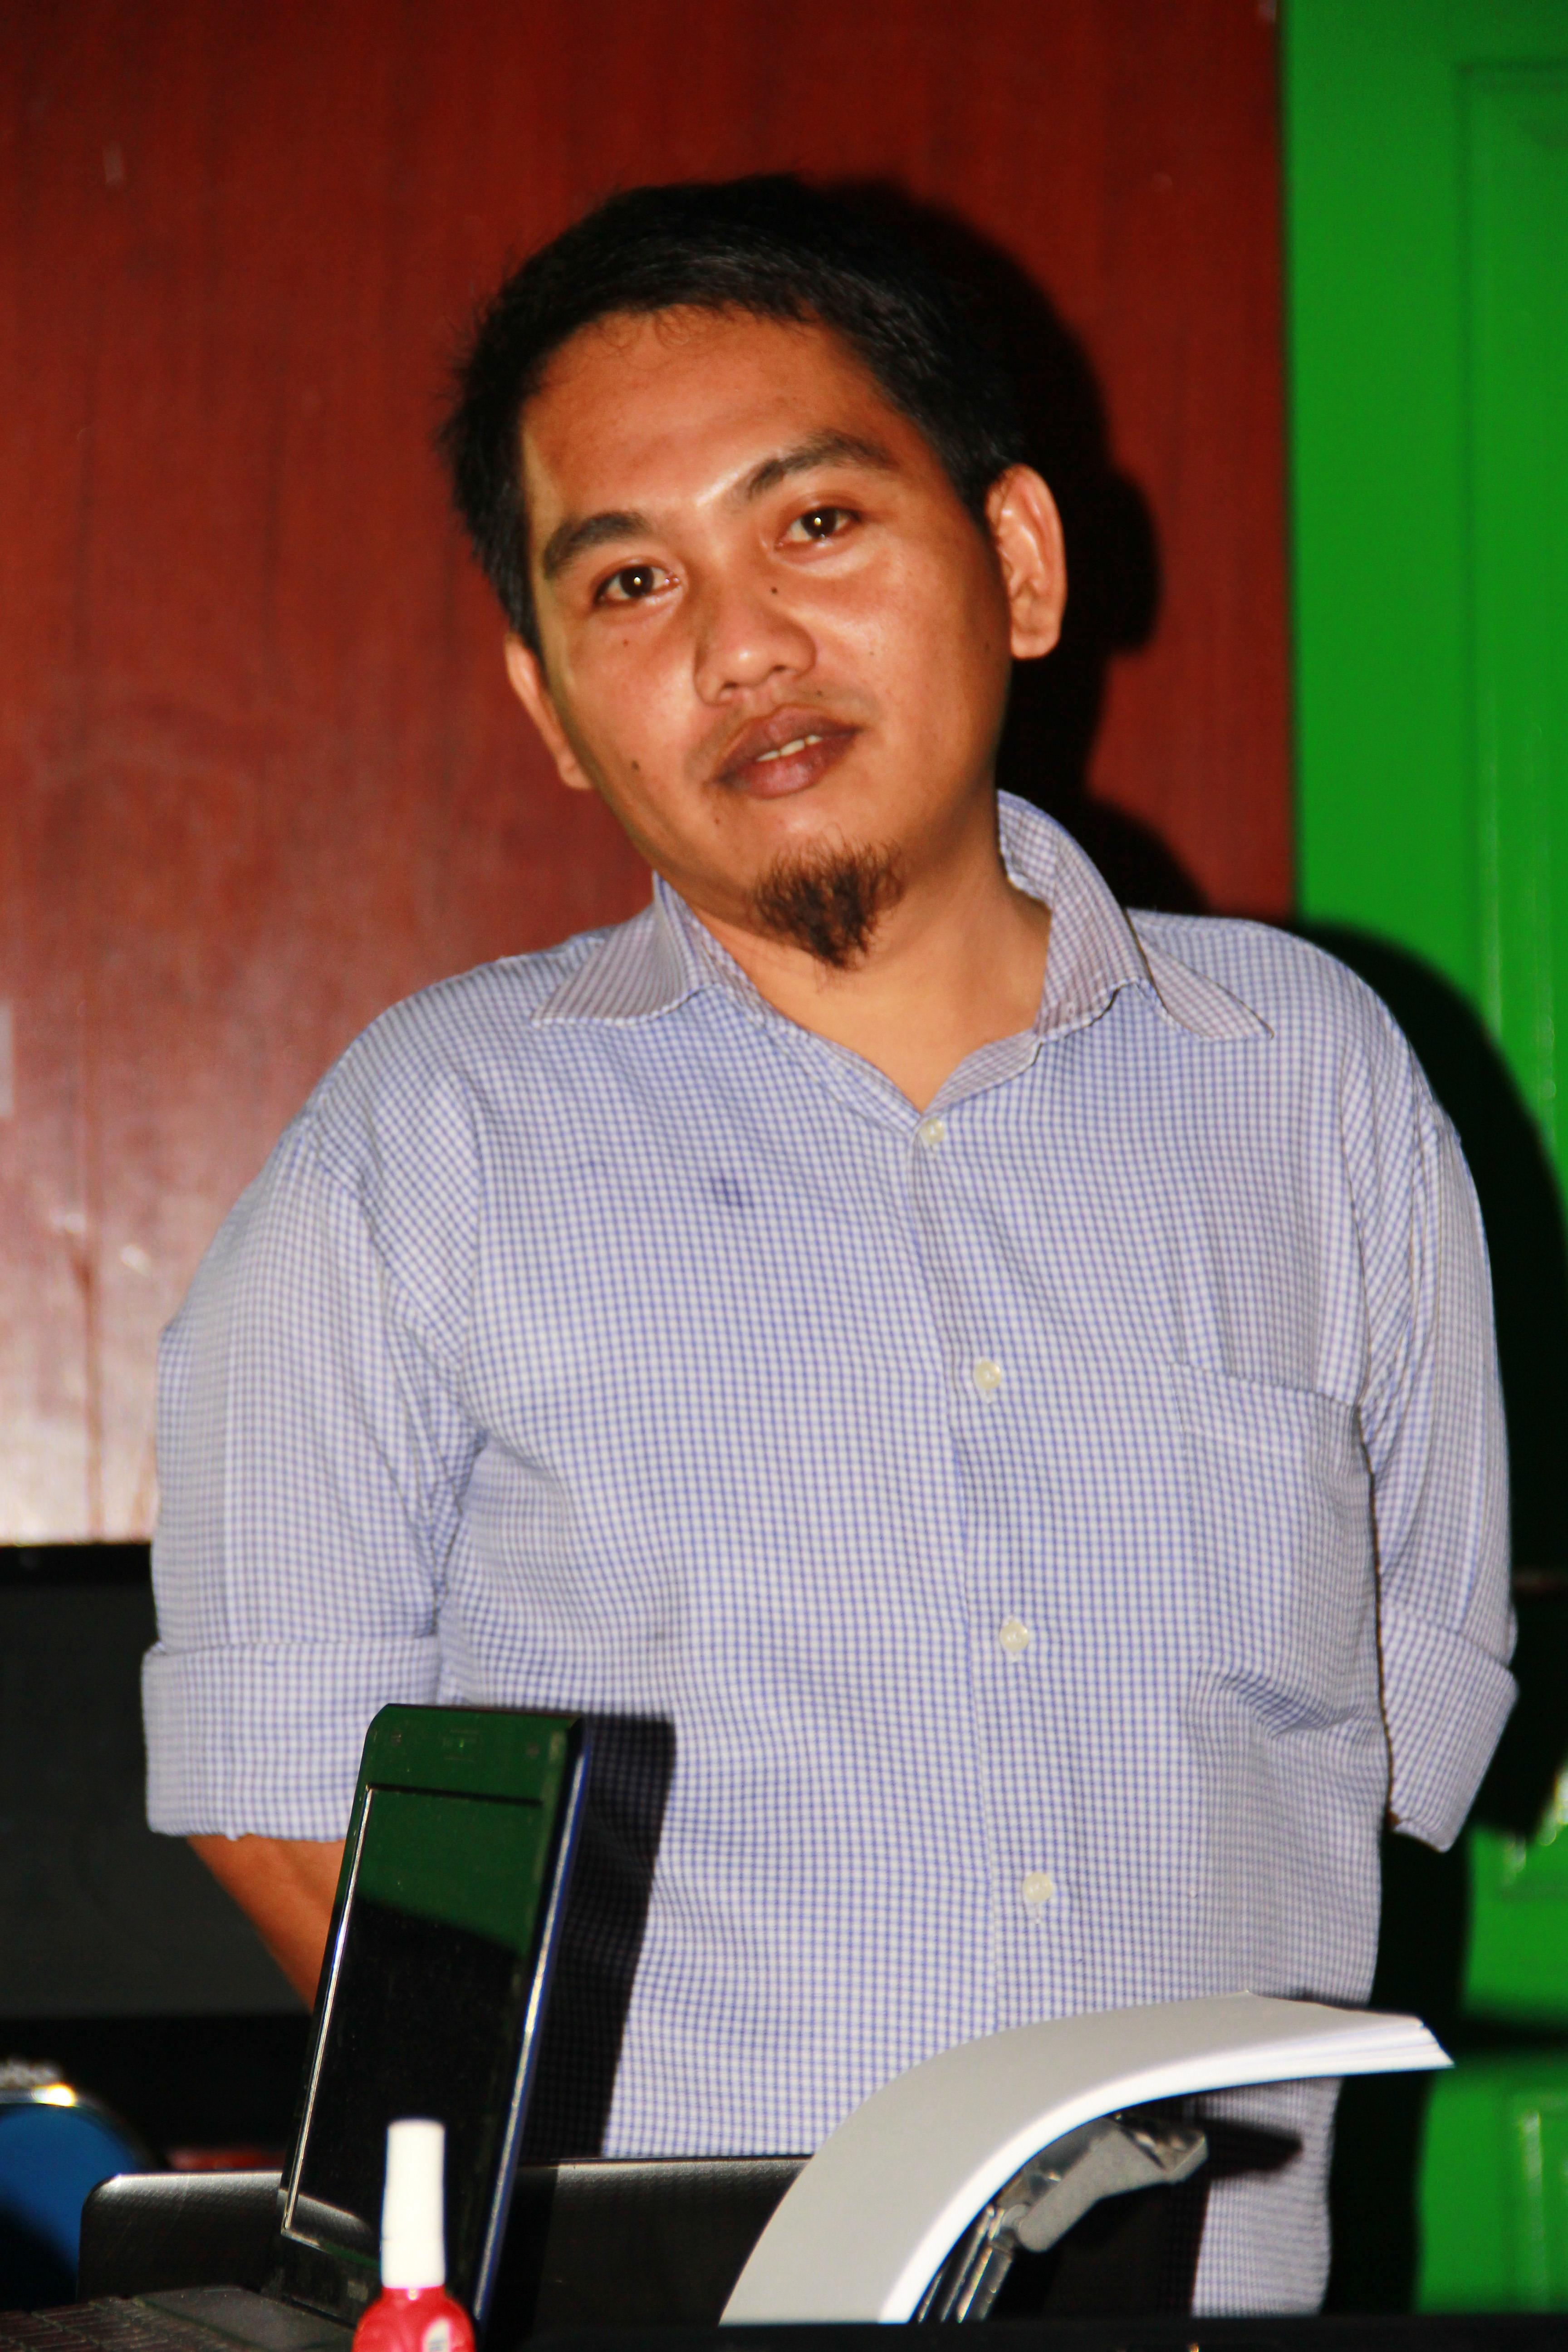 Ahmad Fahmi Tuli